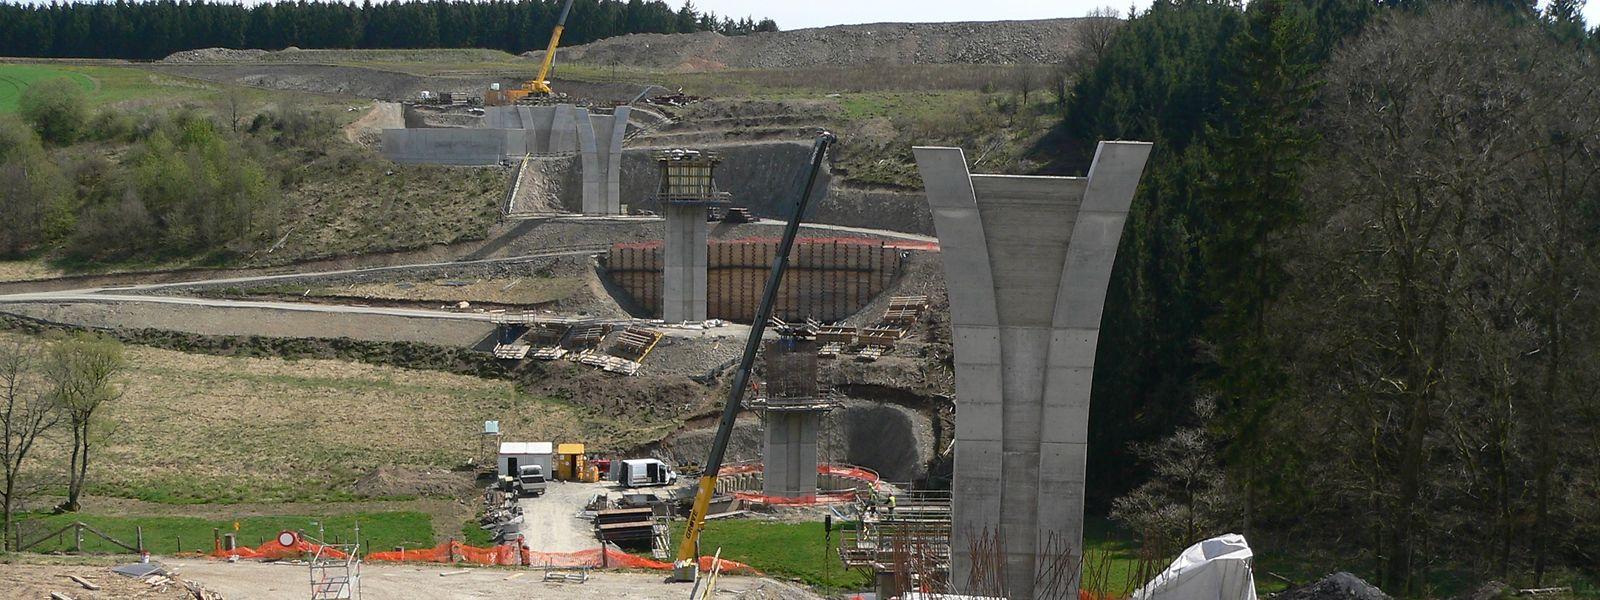 """Die Eindrücke von der Baustelle für die """"Irbich""""-Talbrücke lassen bereits jetzt ein imposantes Bauwerk erahnen."""